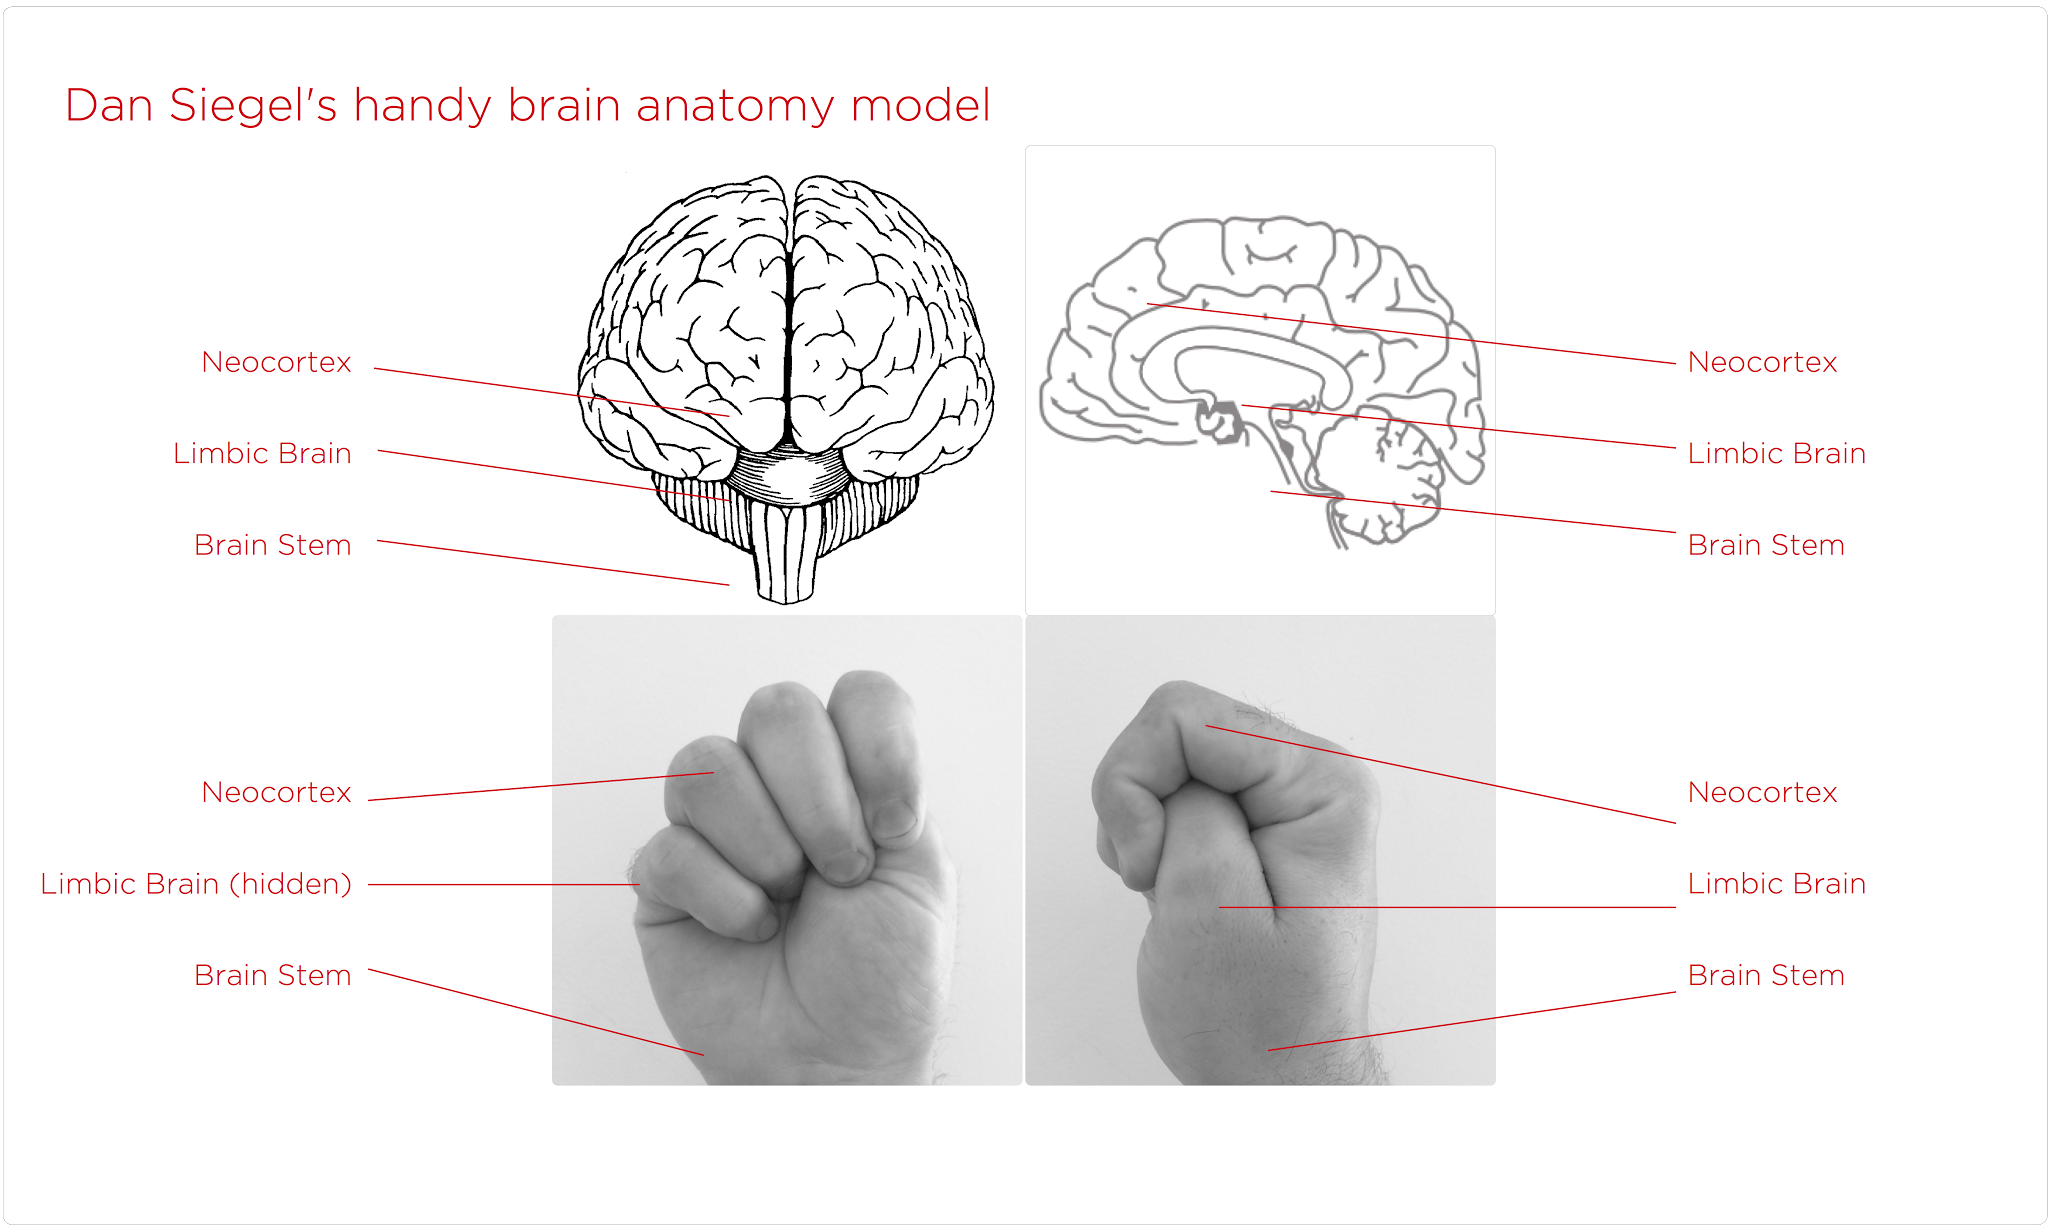 Dan Siegel 27s Handy Brain Anatomy Model